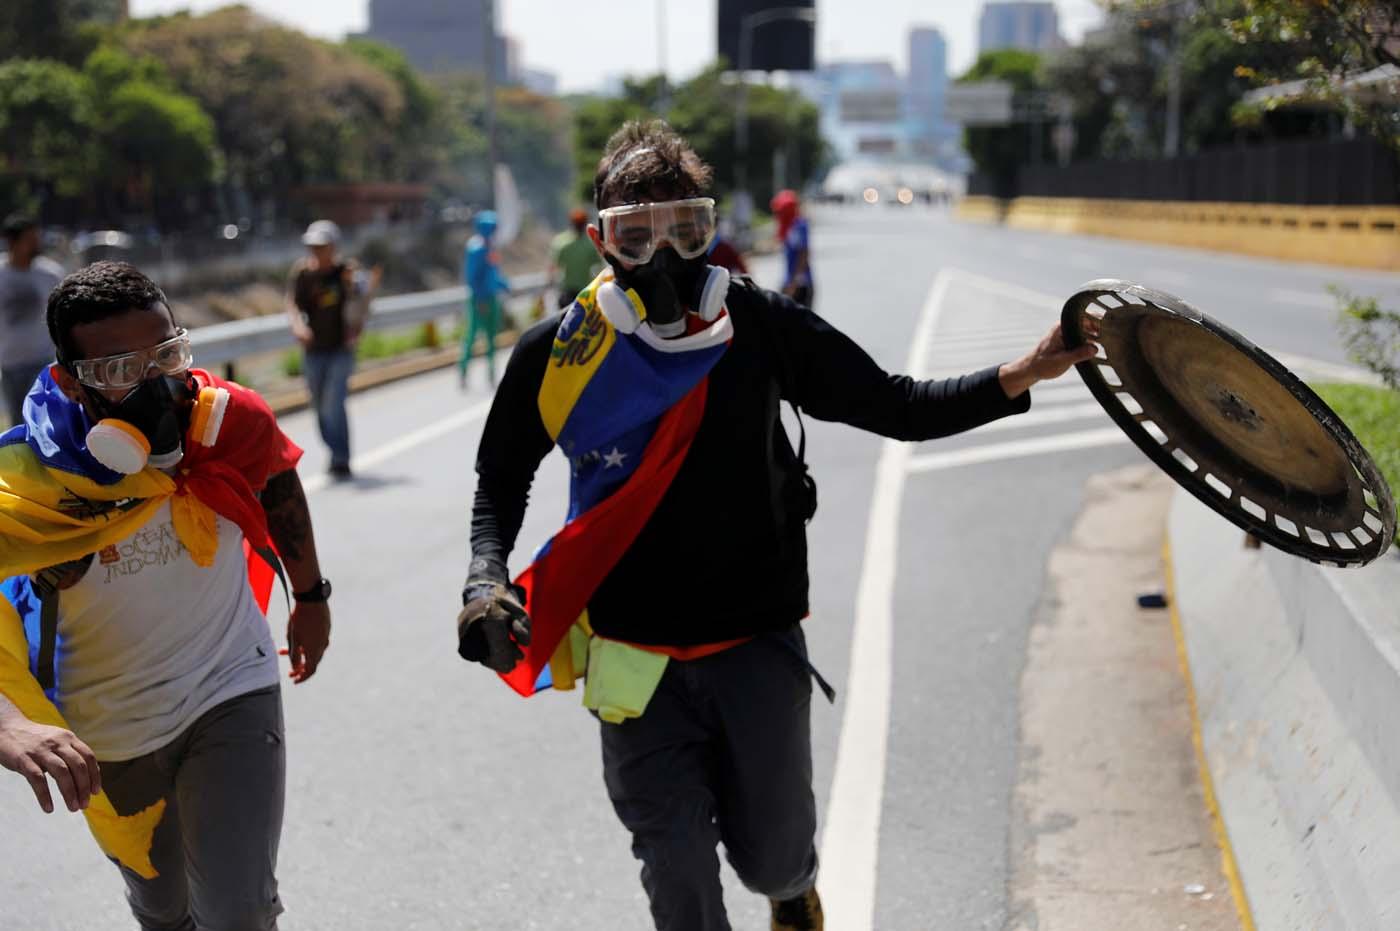 Manifestantes tras un encuentro con la policía en Caracas, abr 10, 2017. Miles de simpatizantes de la oposición venezolana volvieron el lunes a las calles del país petrolero para protestar contra el presidente Nicolás Maduro, al que acusan de haber desvirtuado su gobierno convirtiéndolo en una dictadura. REUTERS/Carlos Garcia Rawlins